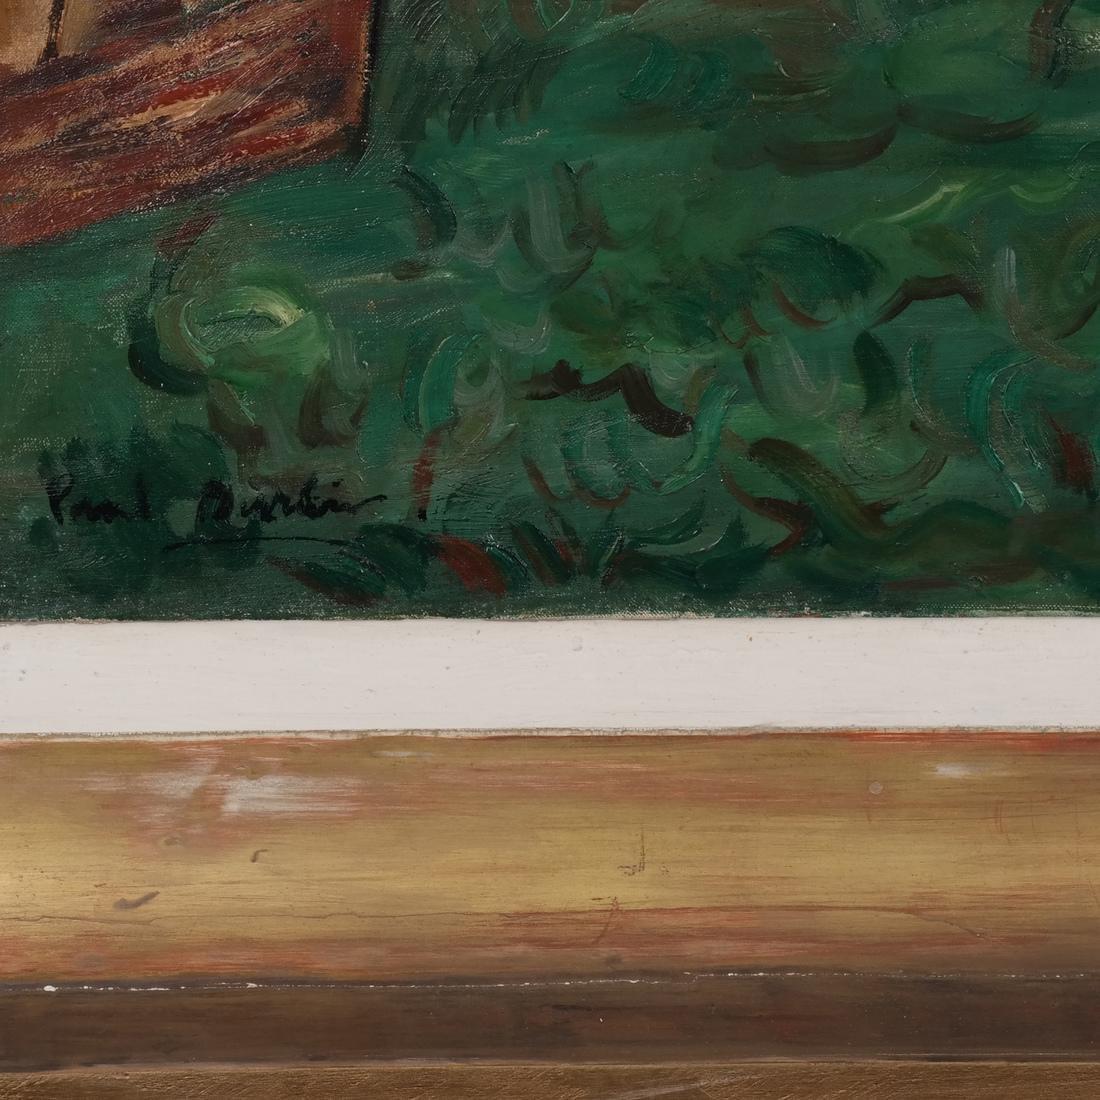 Paul Burlin, Untitled (Village on the Sea) - 3